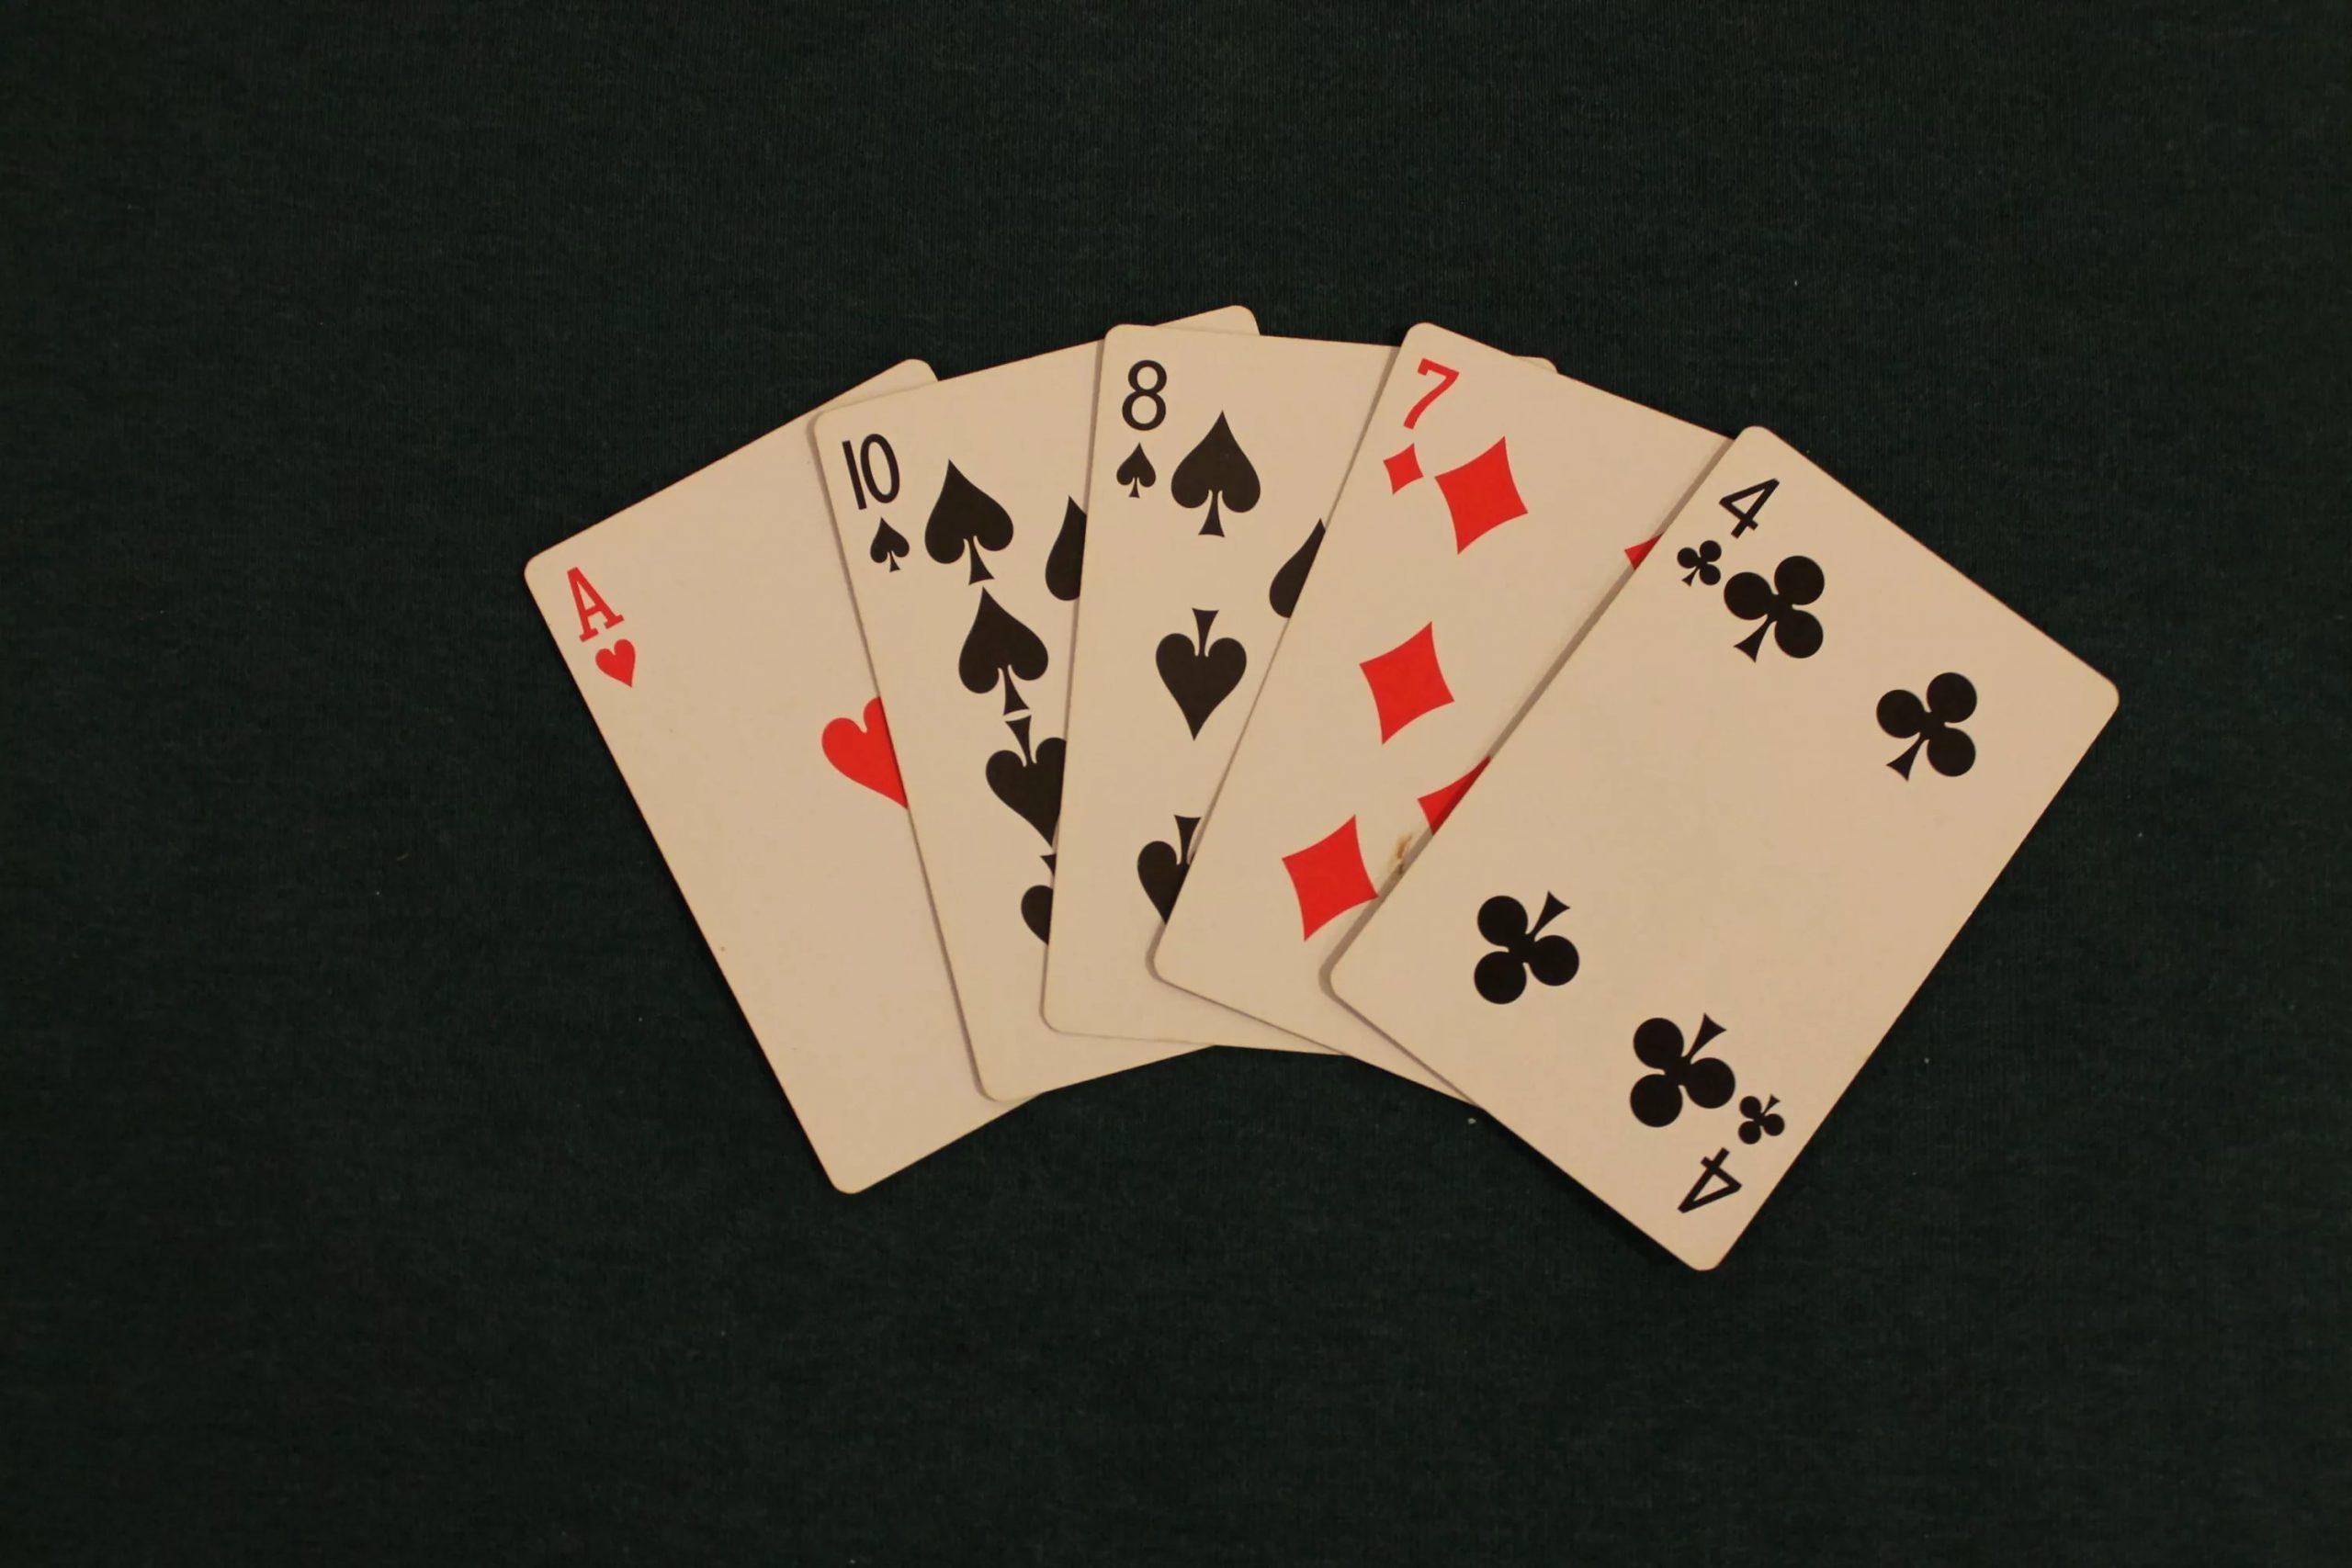 Games Poker Online Paling Disukai dan Mudah Dimainkan